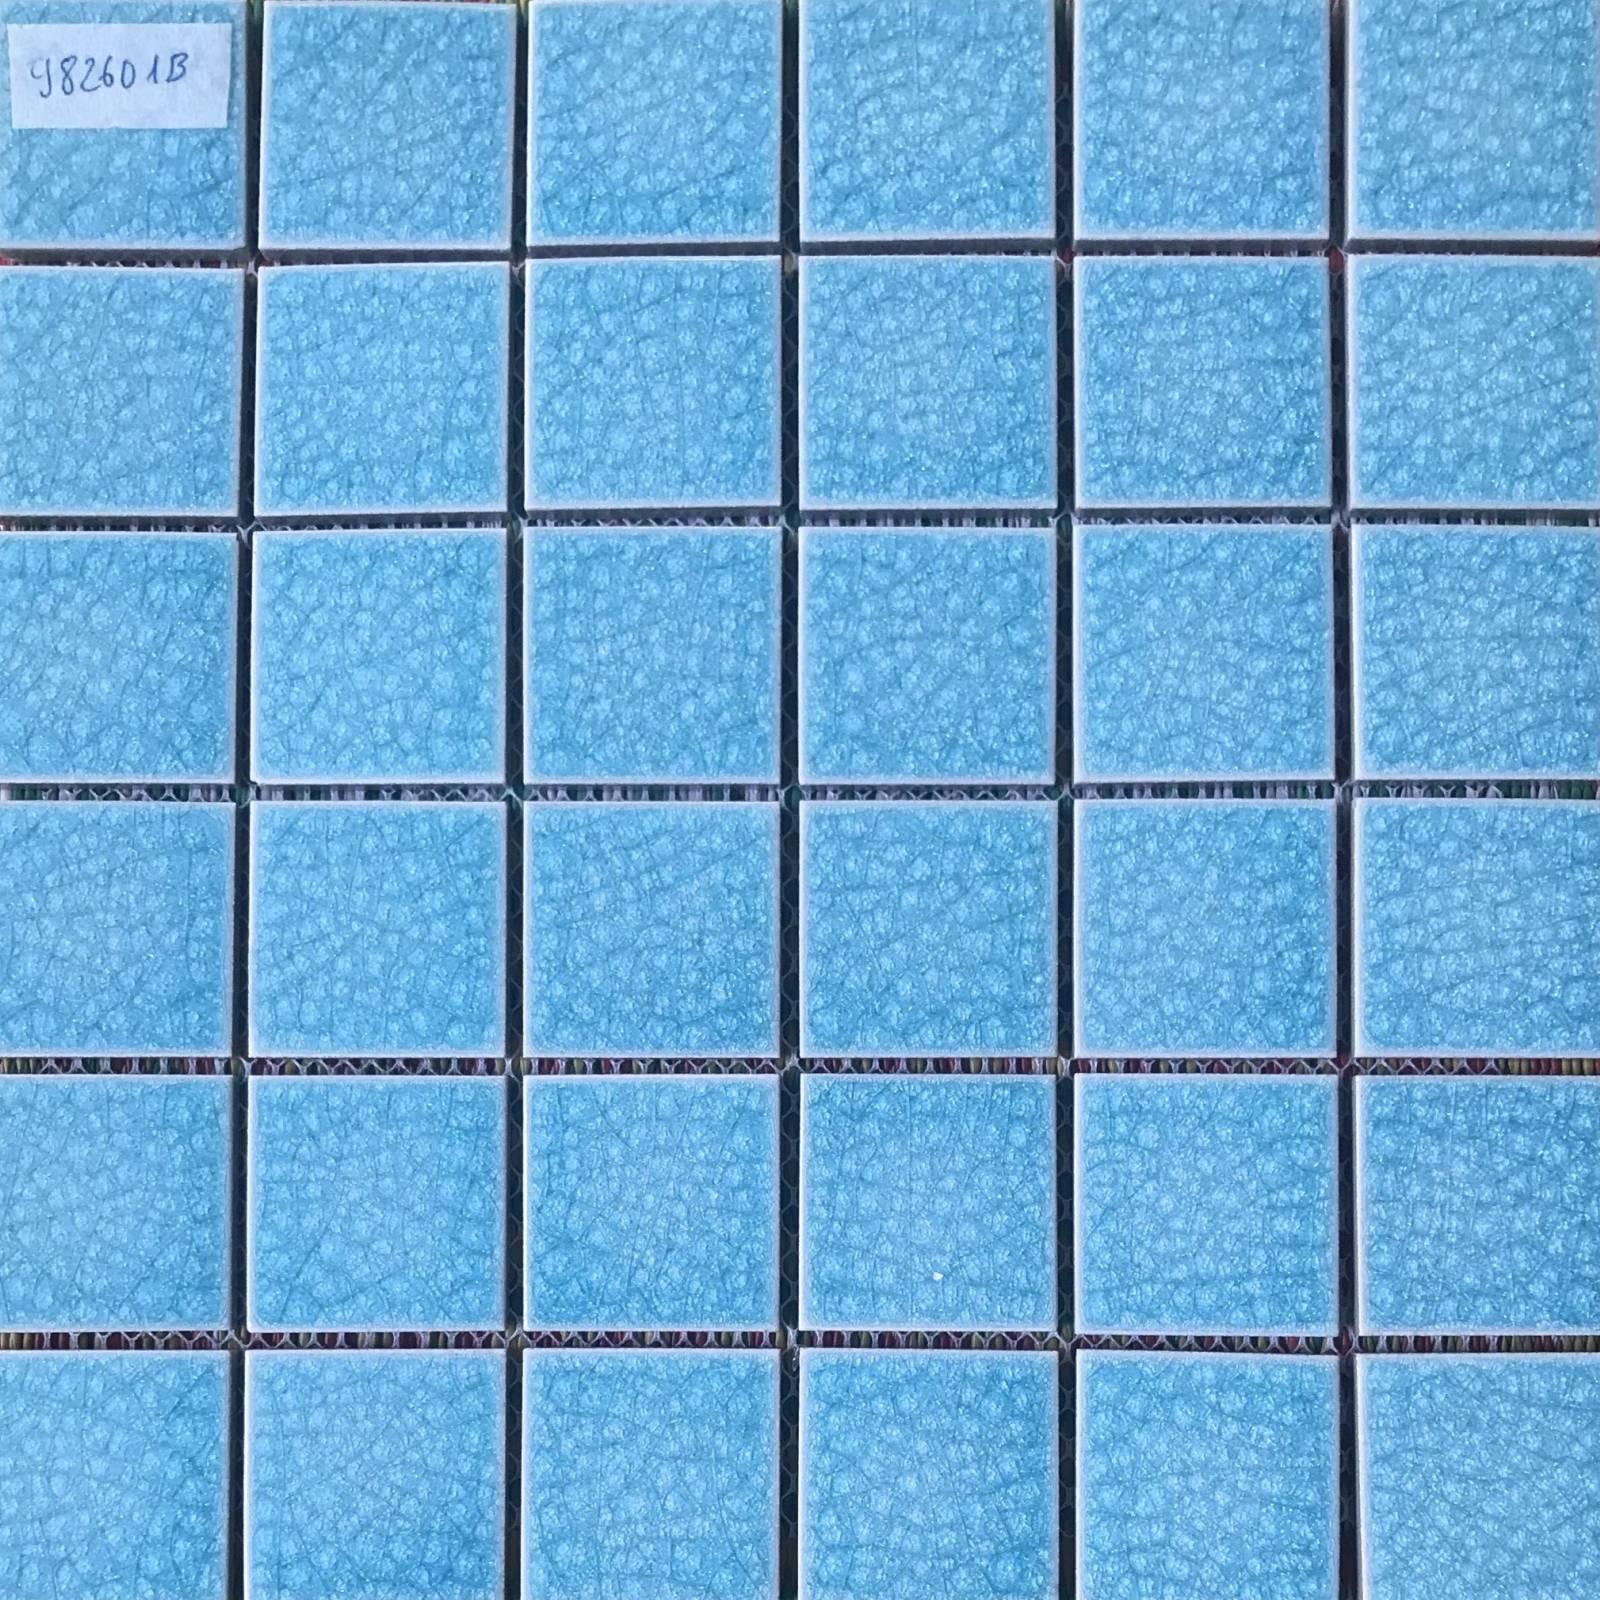 Gạch Mosaic RYG982601B